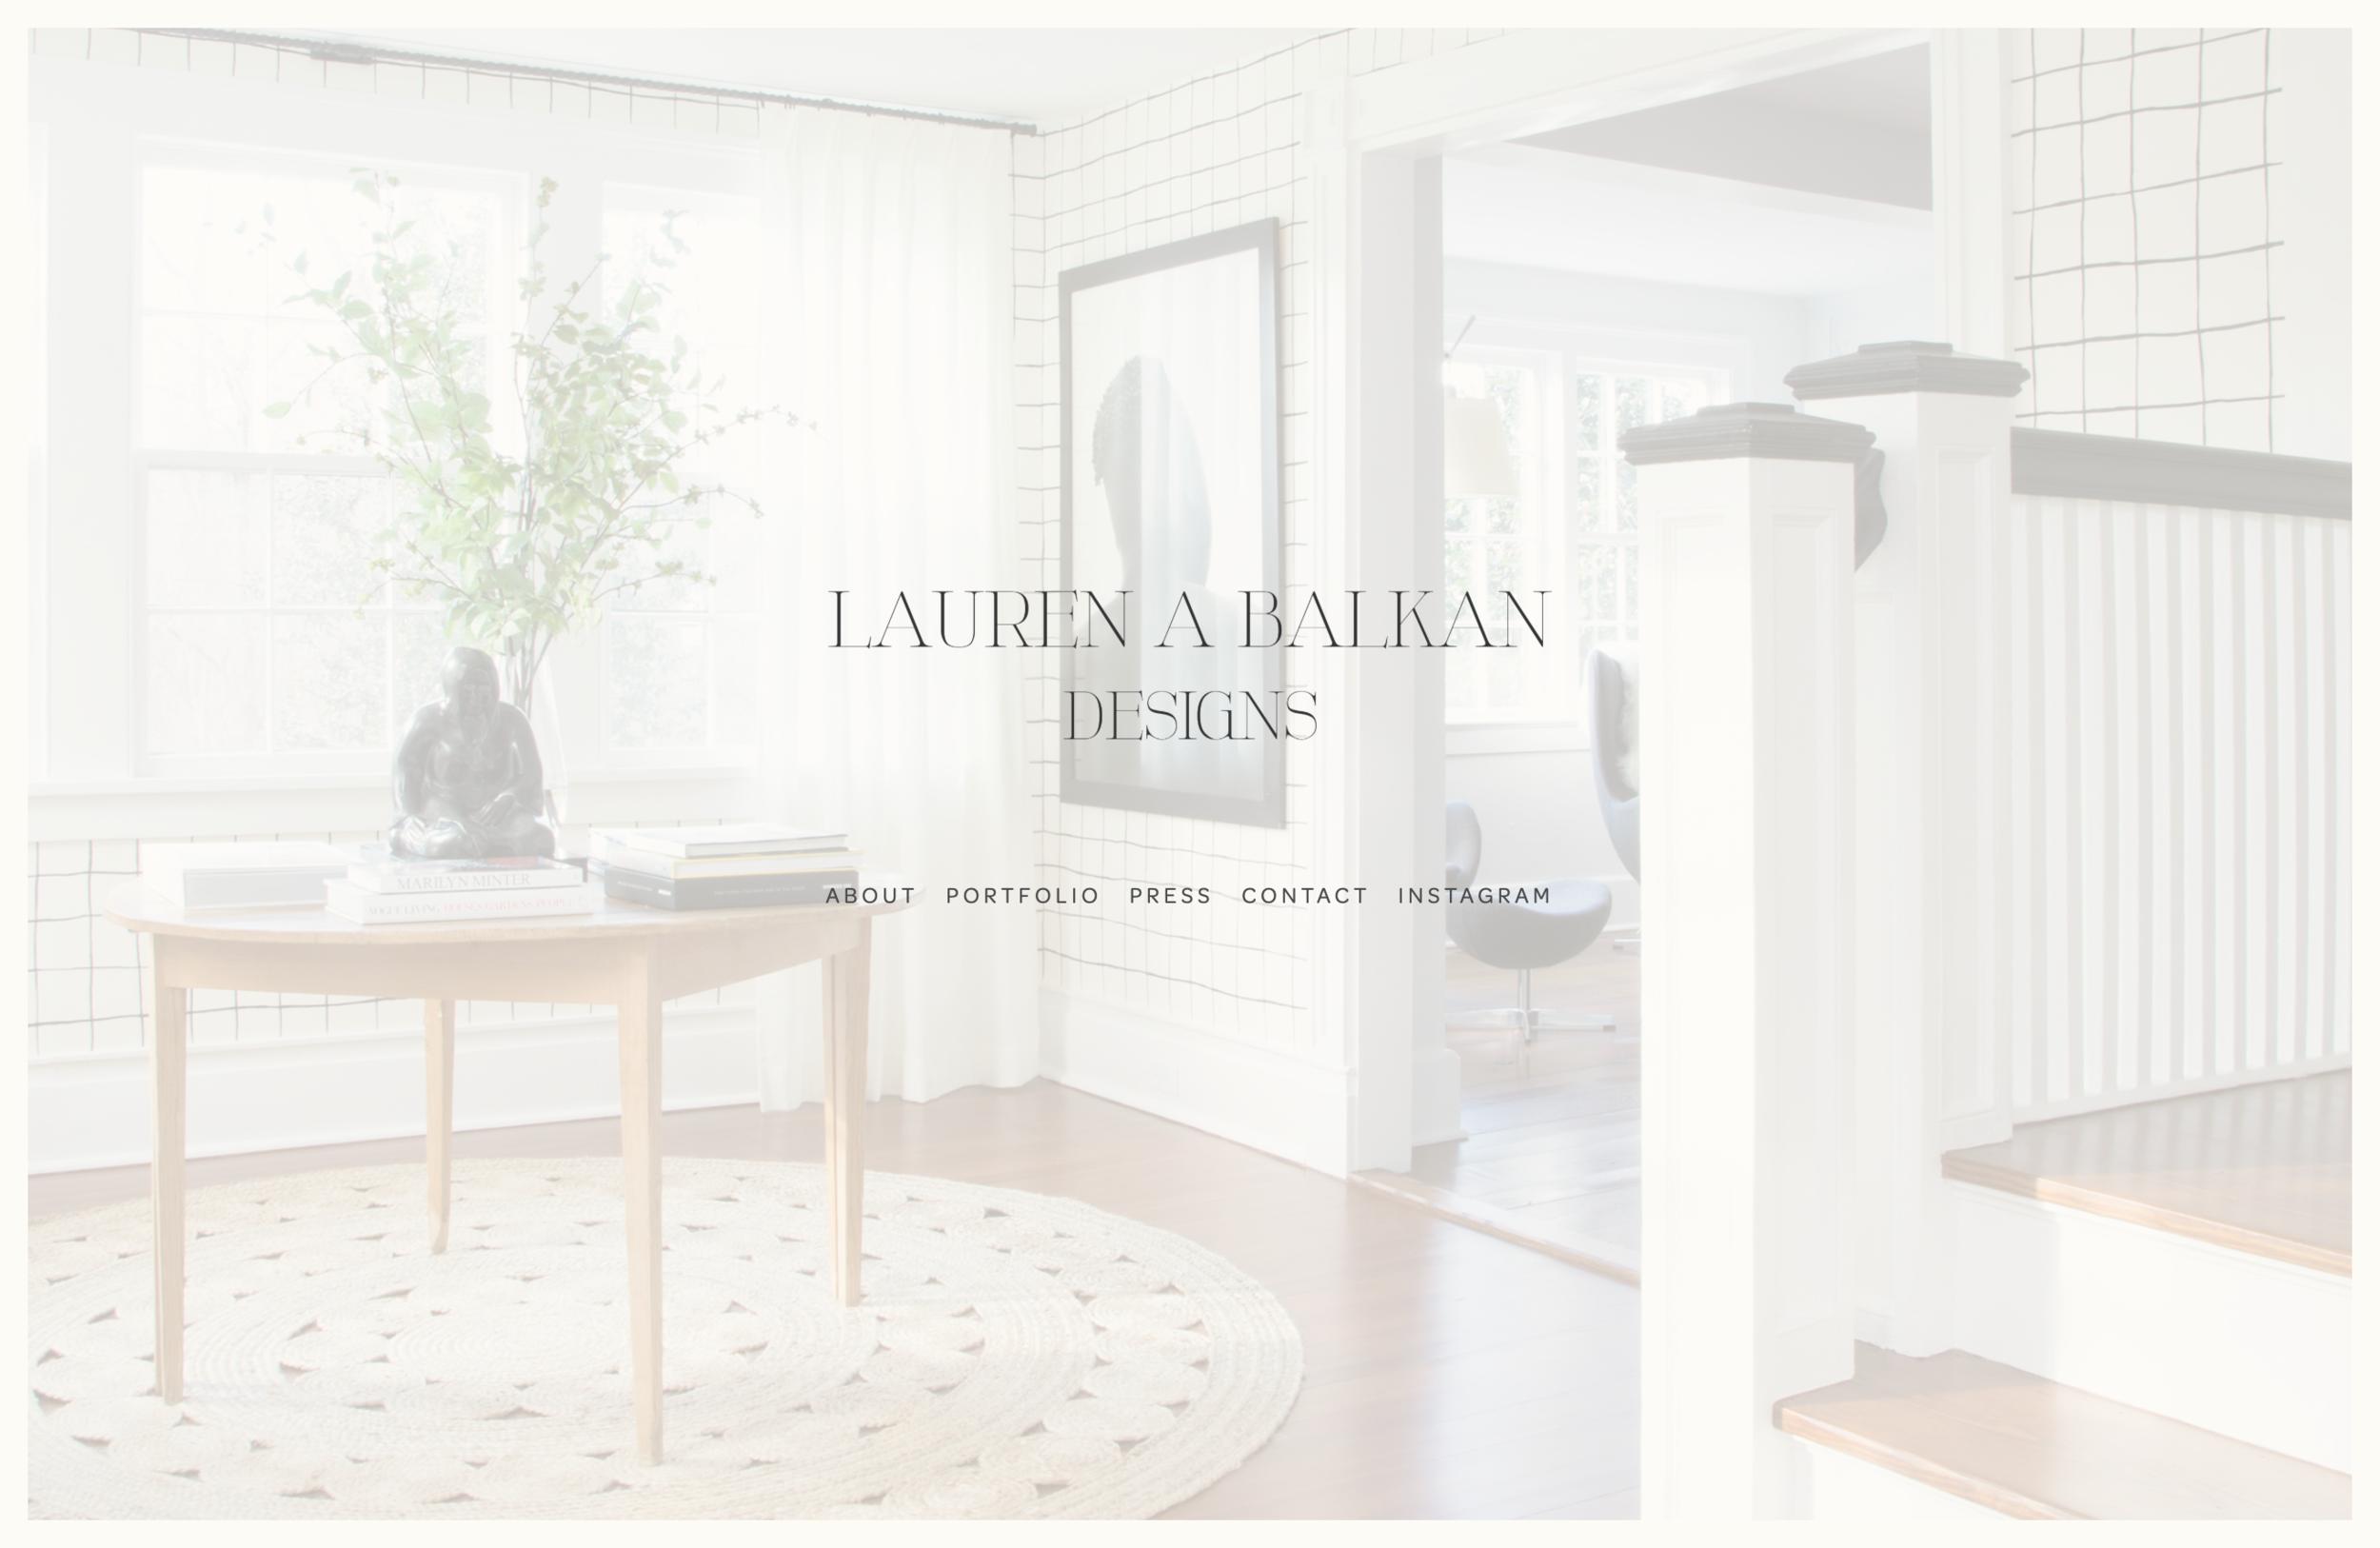 screencapture-laurenabalkandesigns-2019-06-05-11_06_56.png